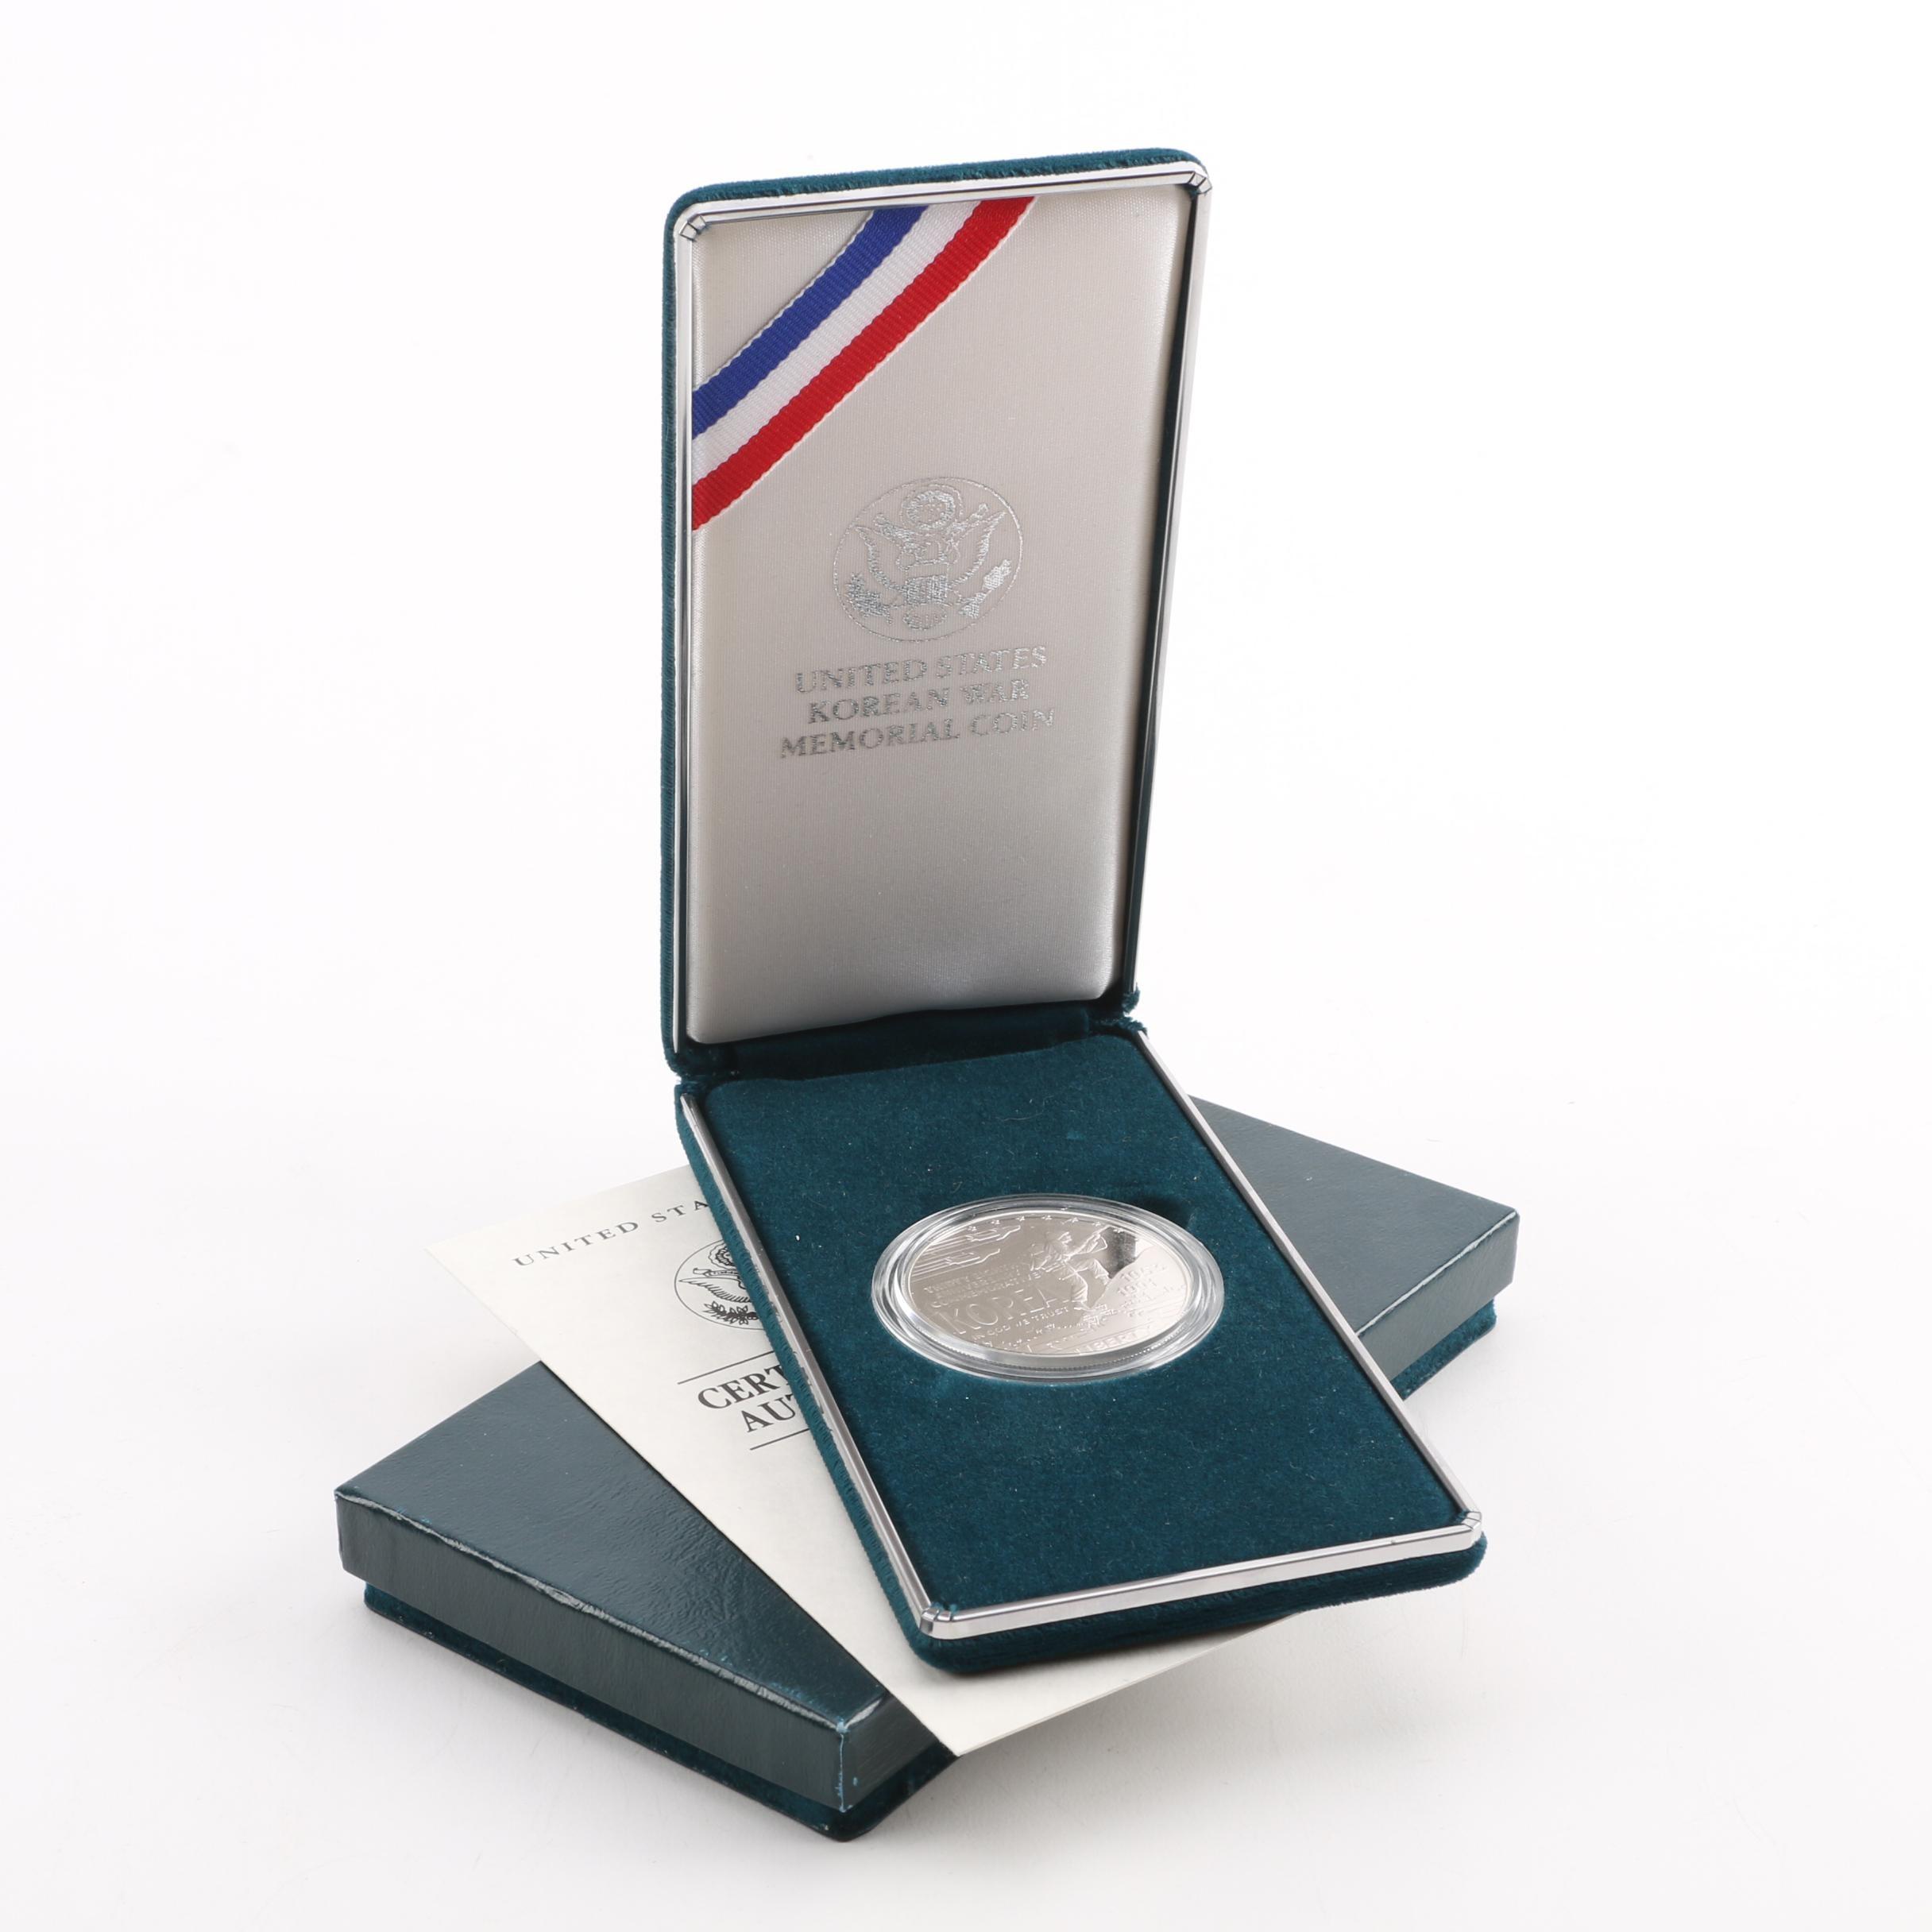 Korean War memorial coin